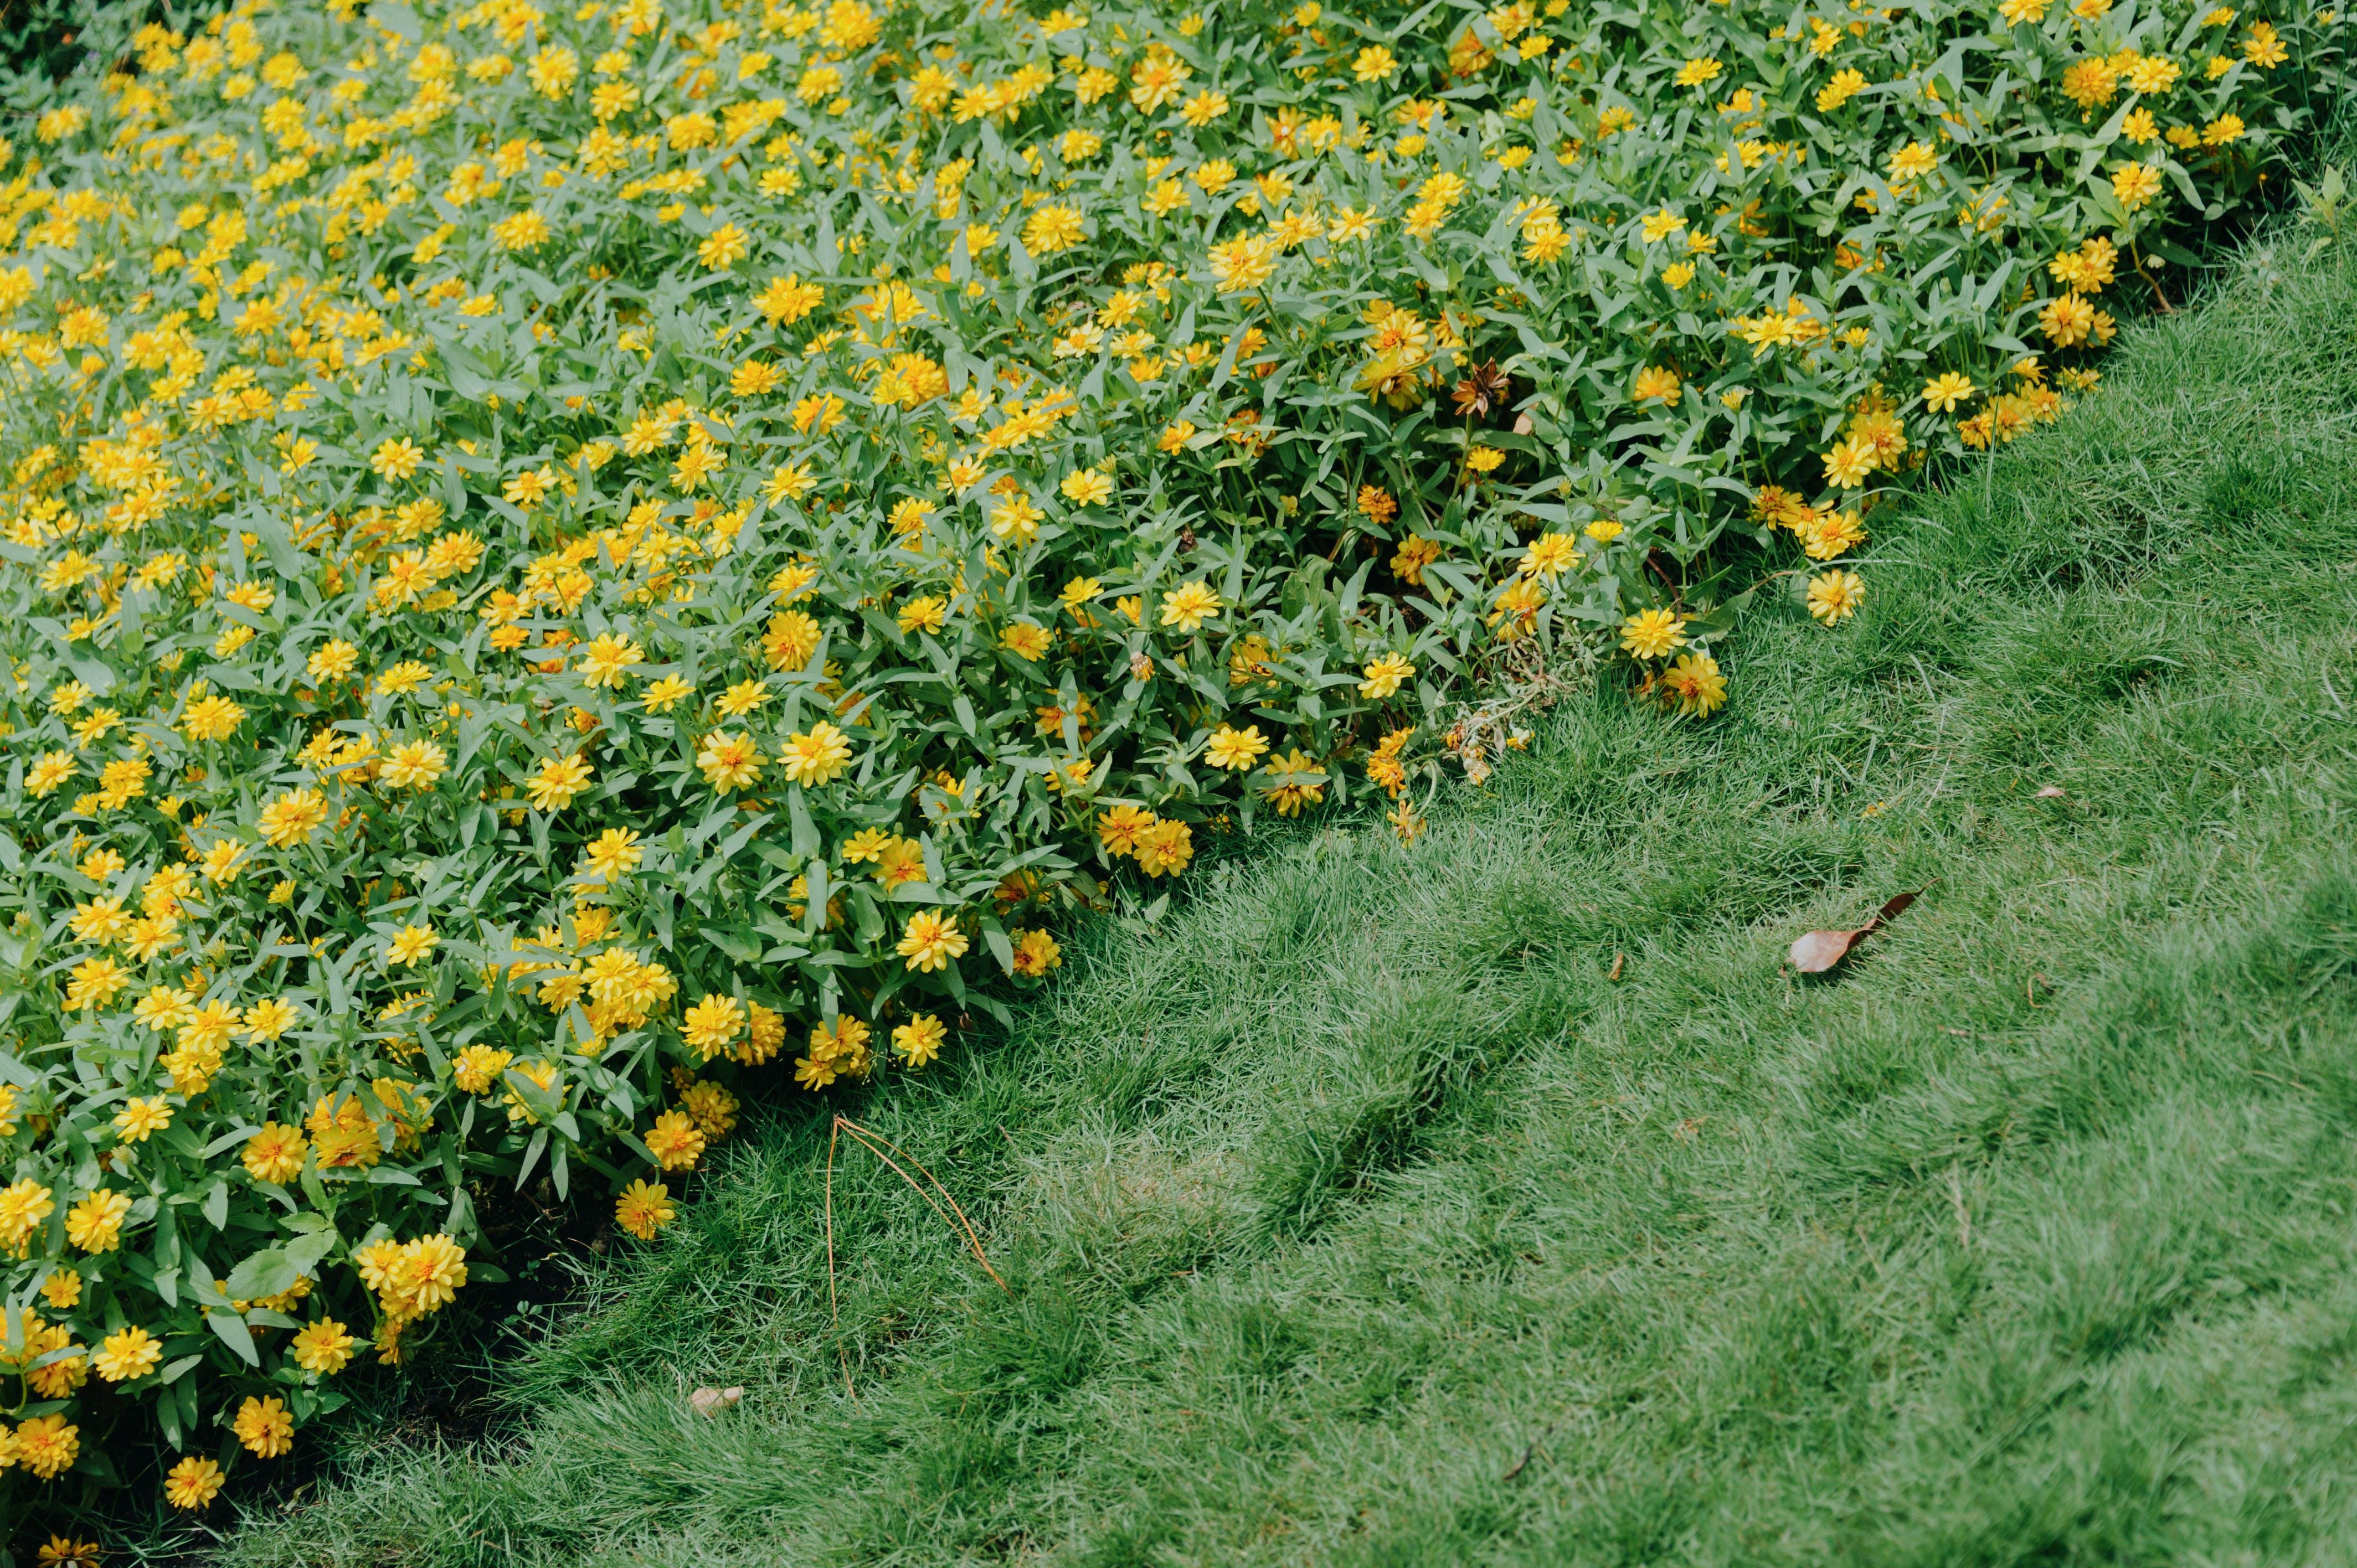 フィールド, フラワーズ, フローラ, 咲くの無料の写真素材